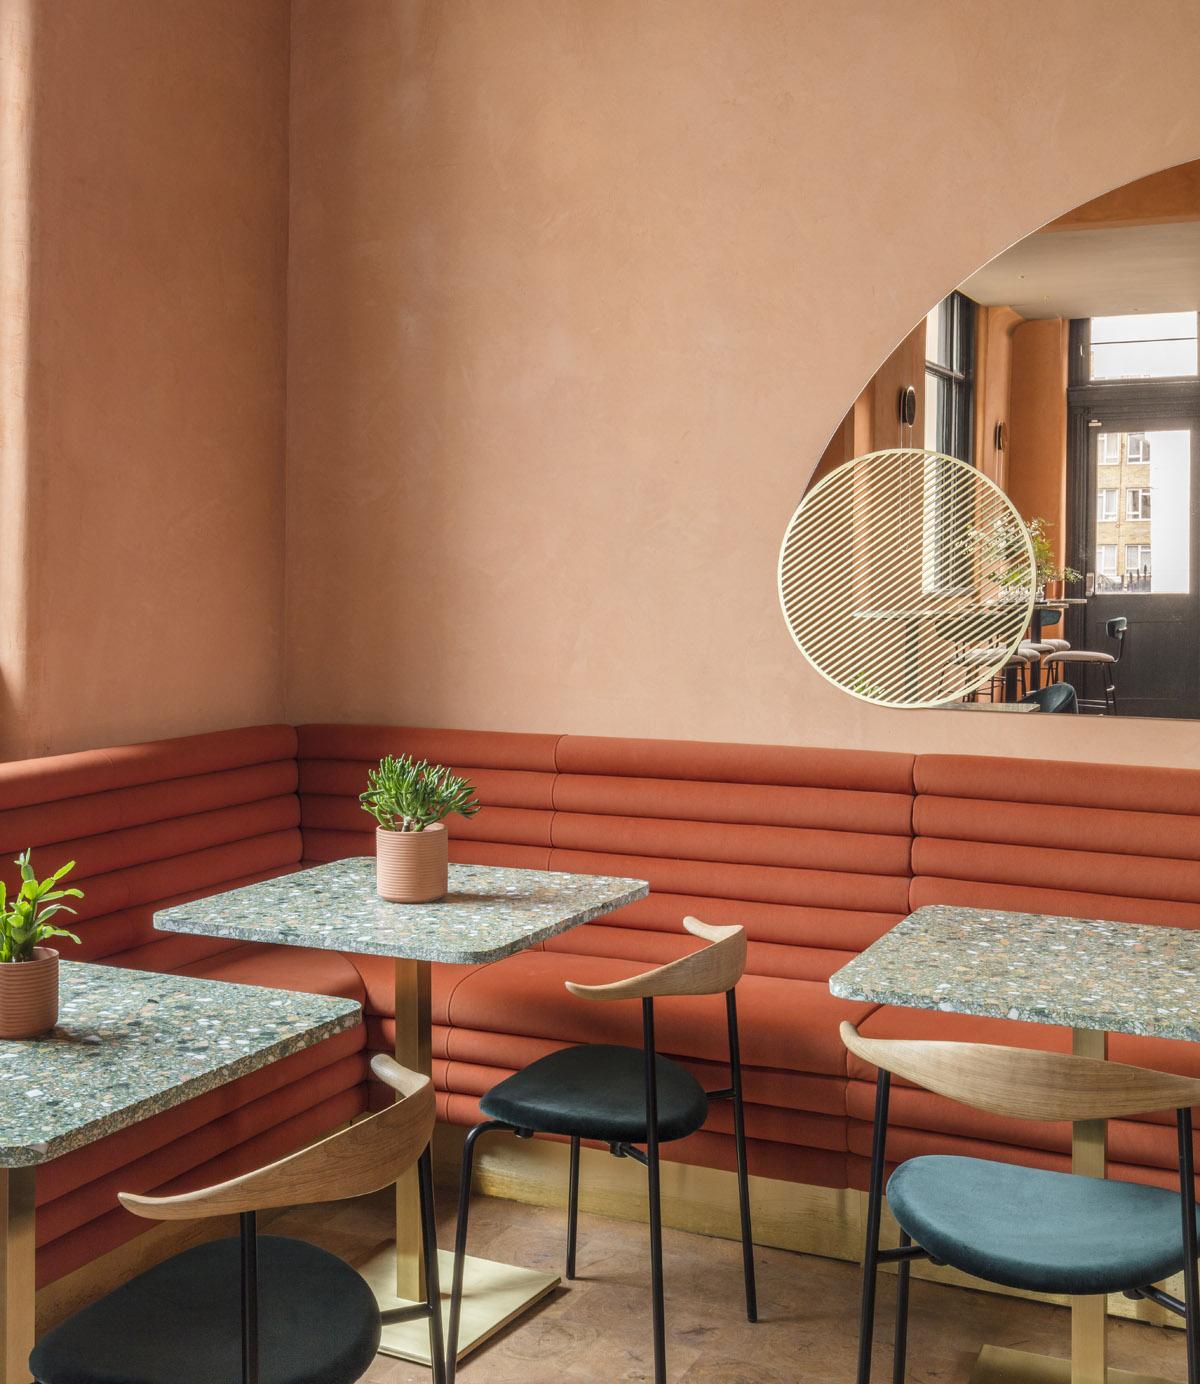 Stile E Interior Design Italiani A Londra: A Londra Un Ristorante In Rosa Dove Mi Trasferirei Subito